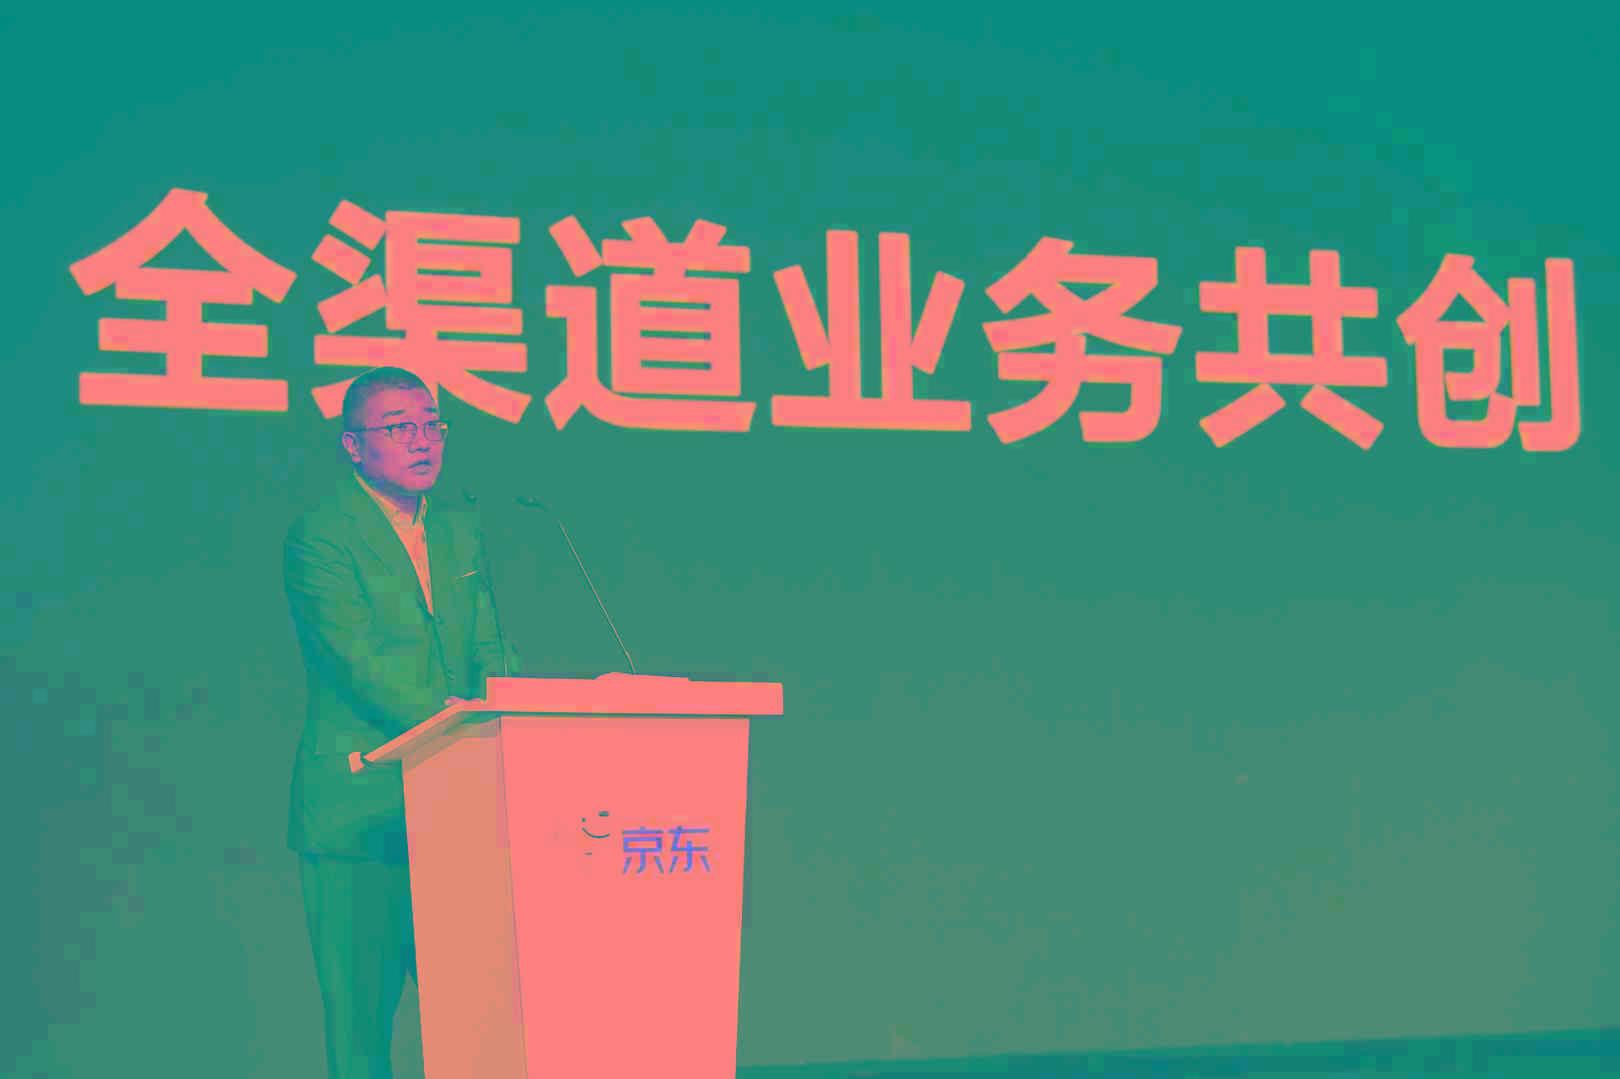 京东将联合腾讯推新社交电商产品